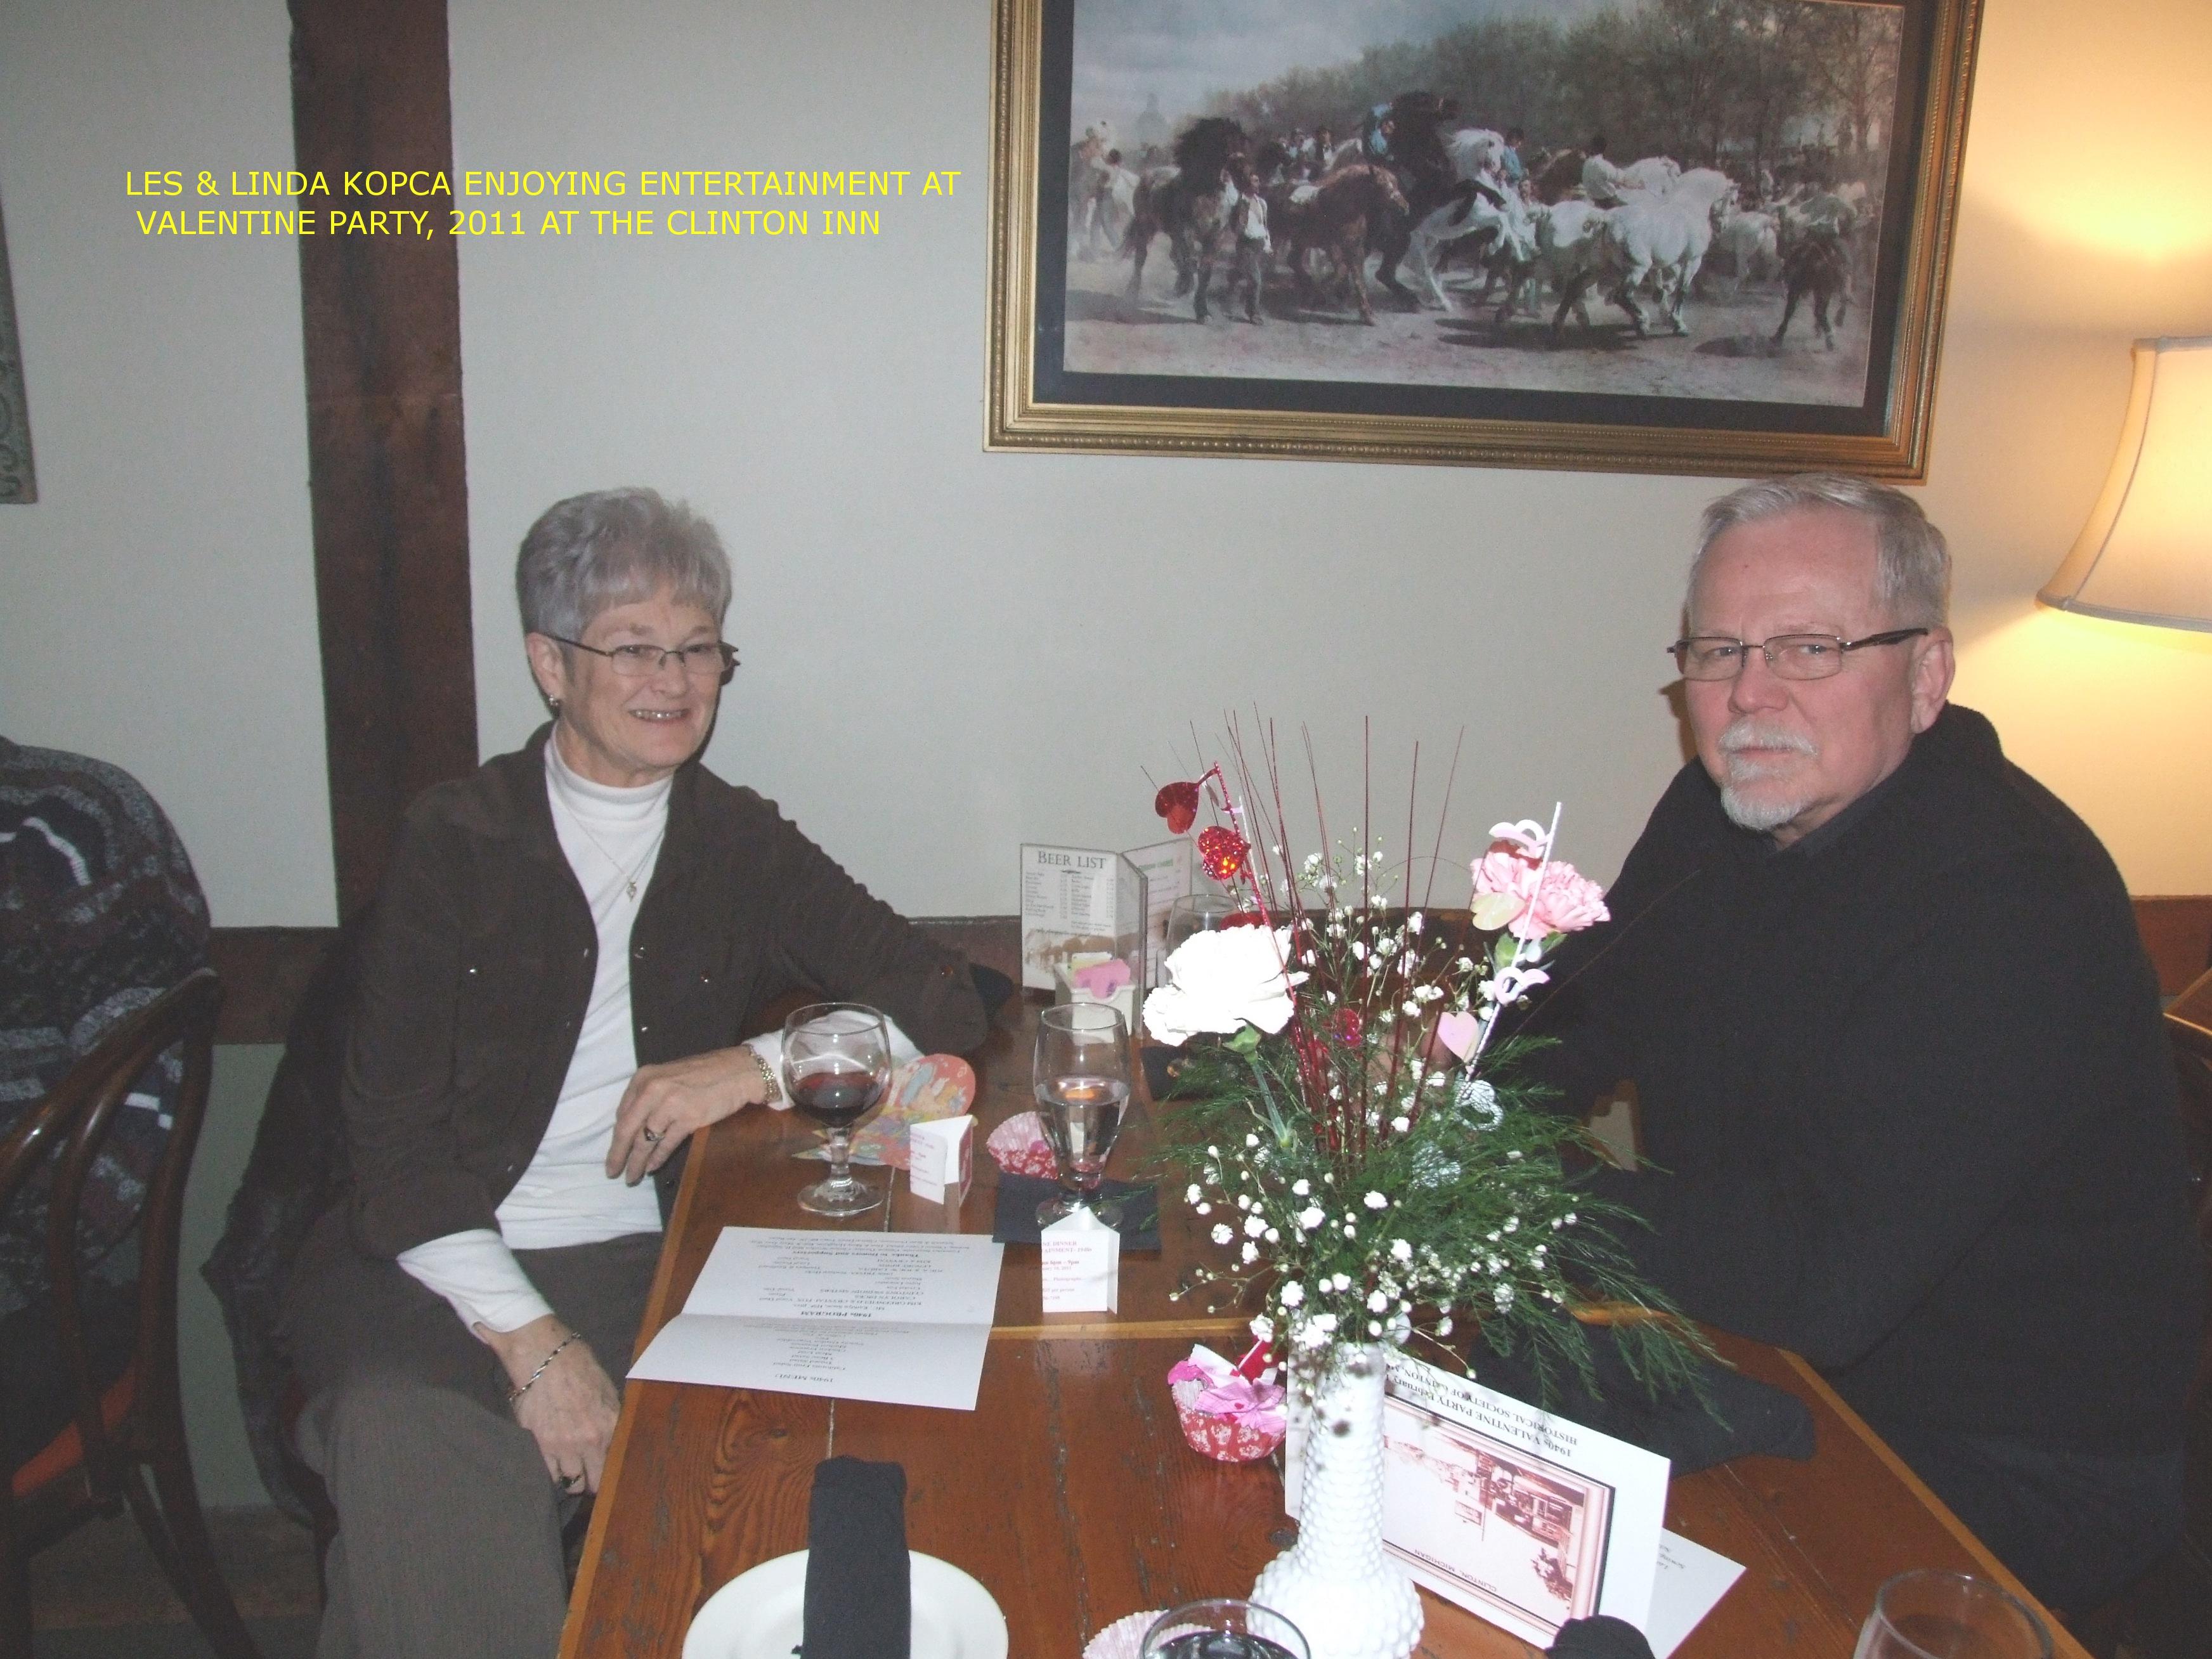 Les & Linda Kopka